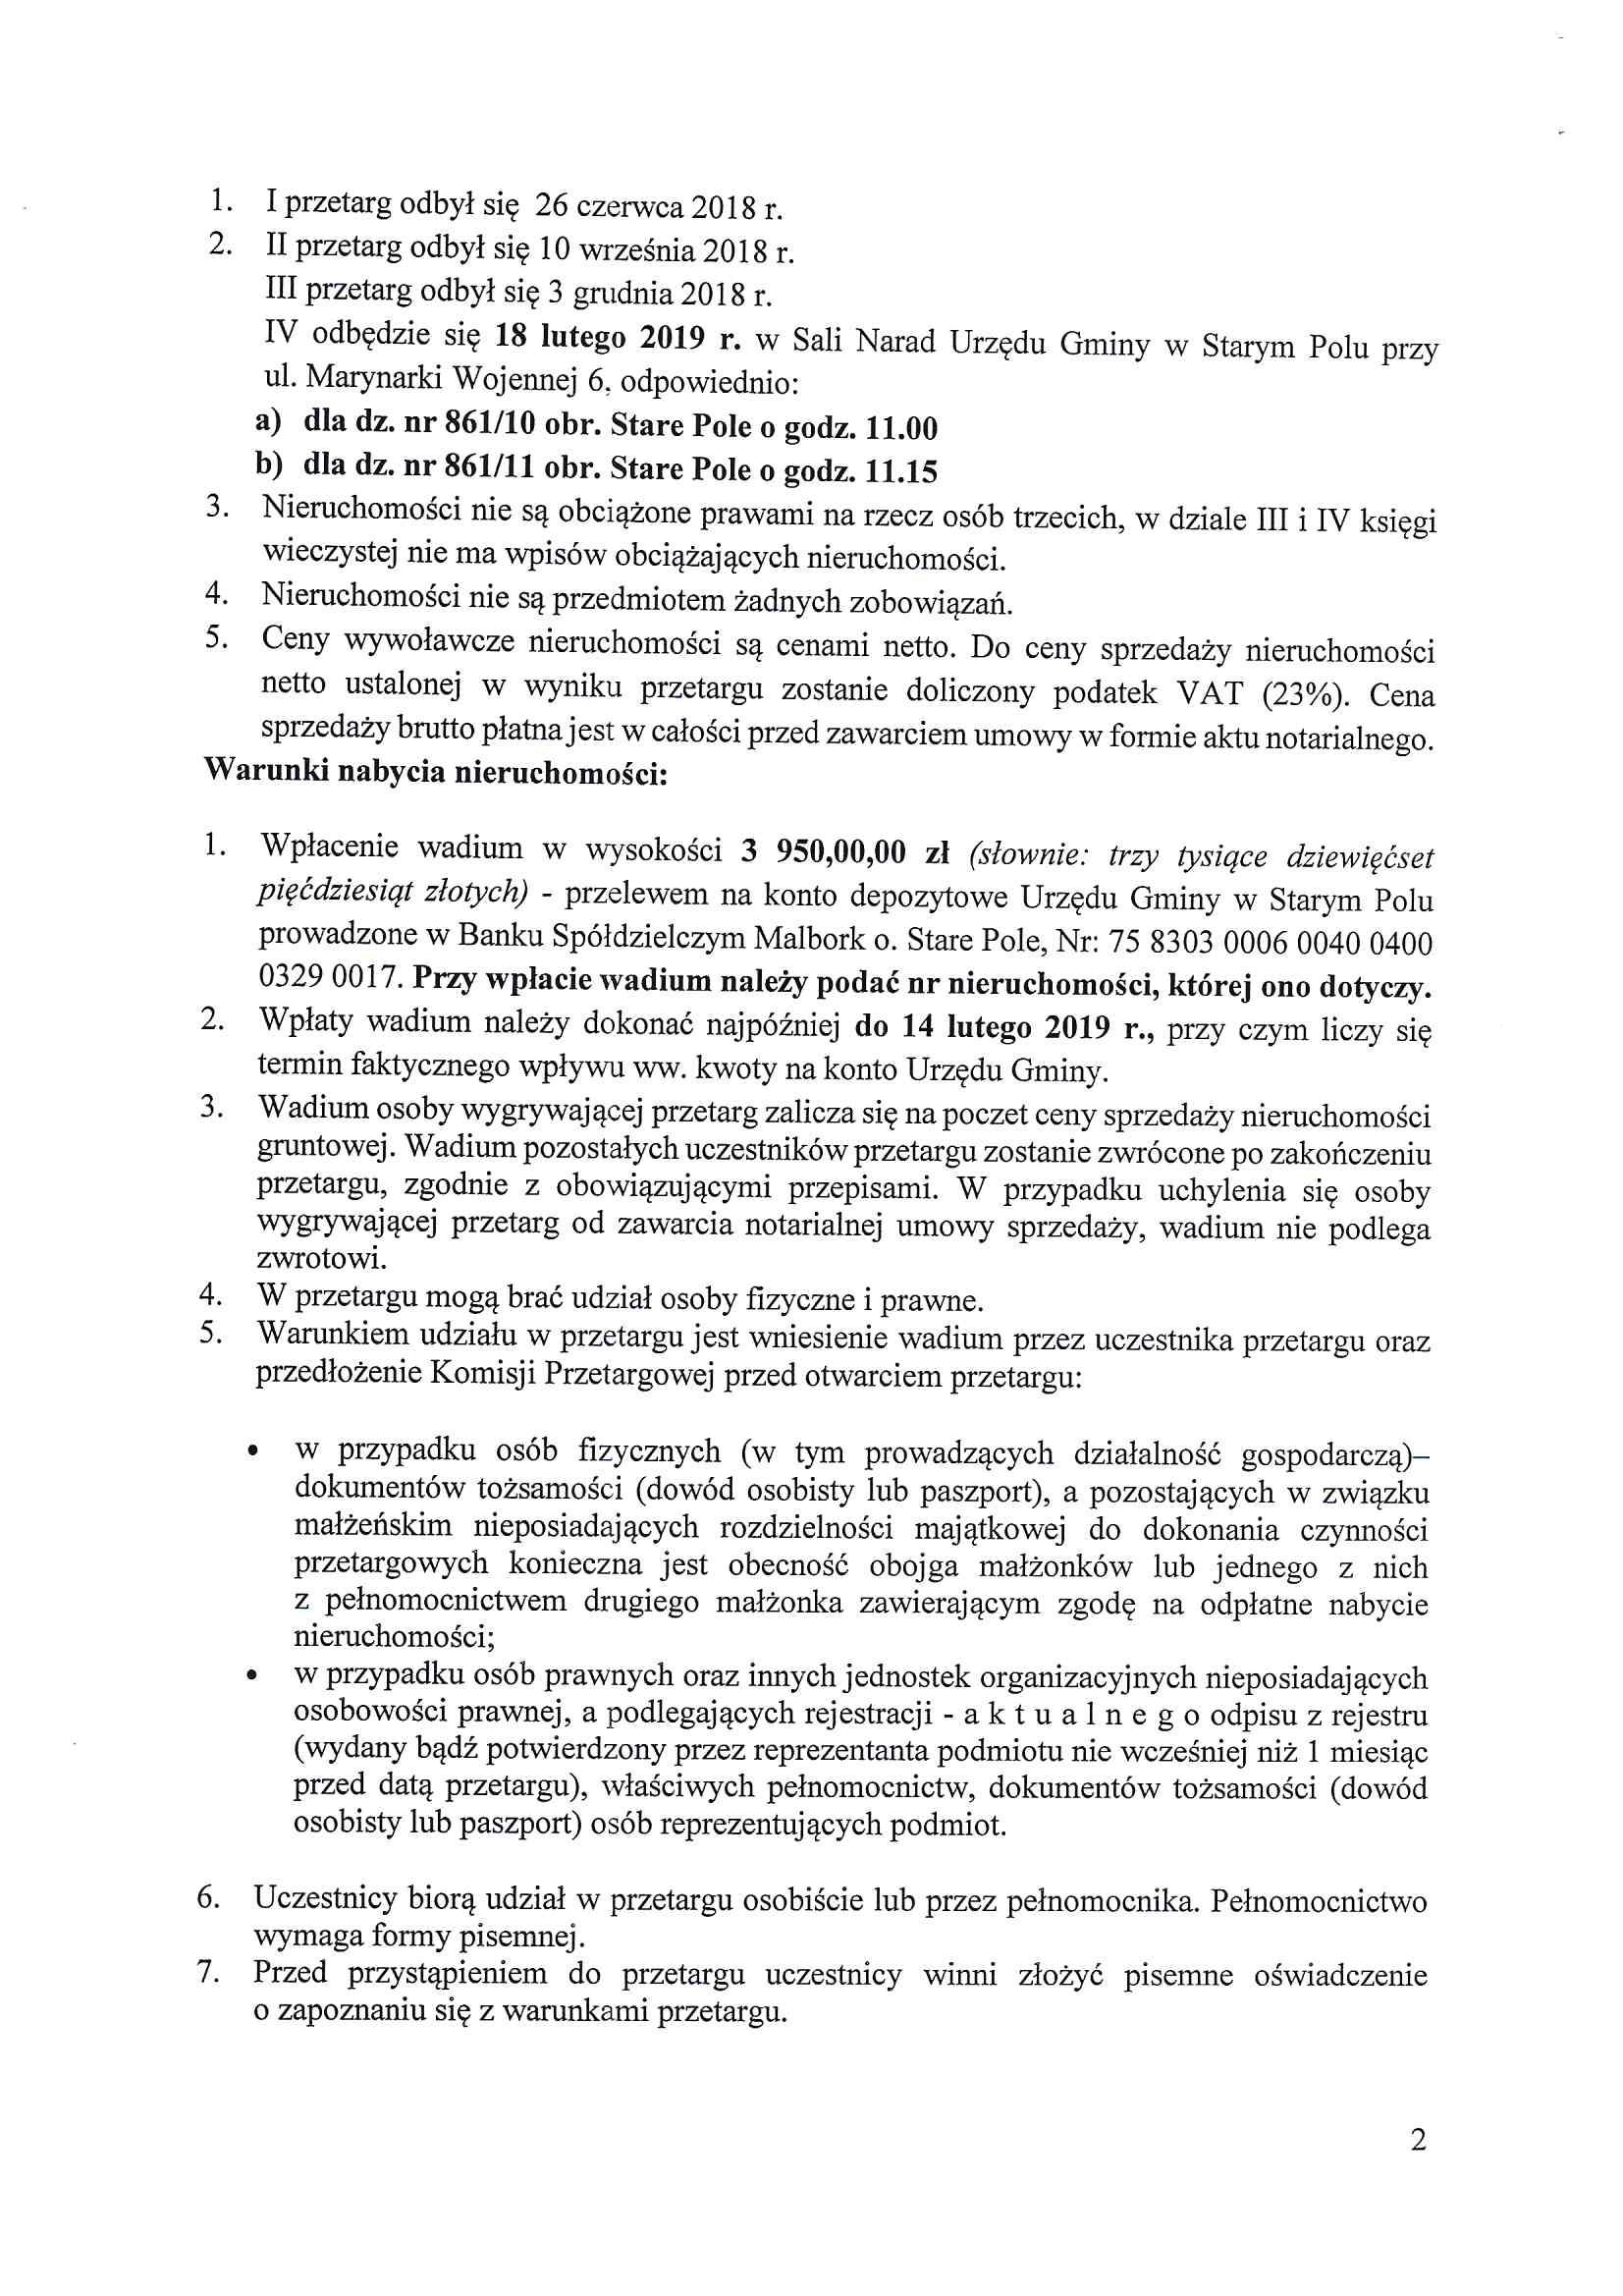 Ogłoszenie z dnia 14 stycznia 2019 r. o IV przetargu ustnym - str. 2